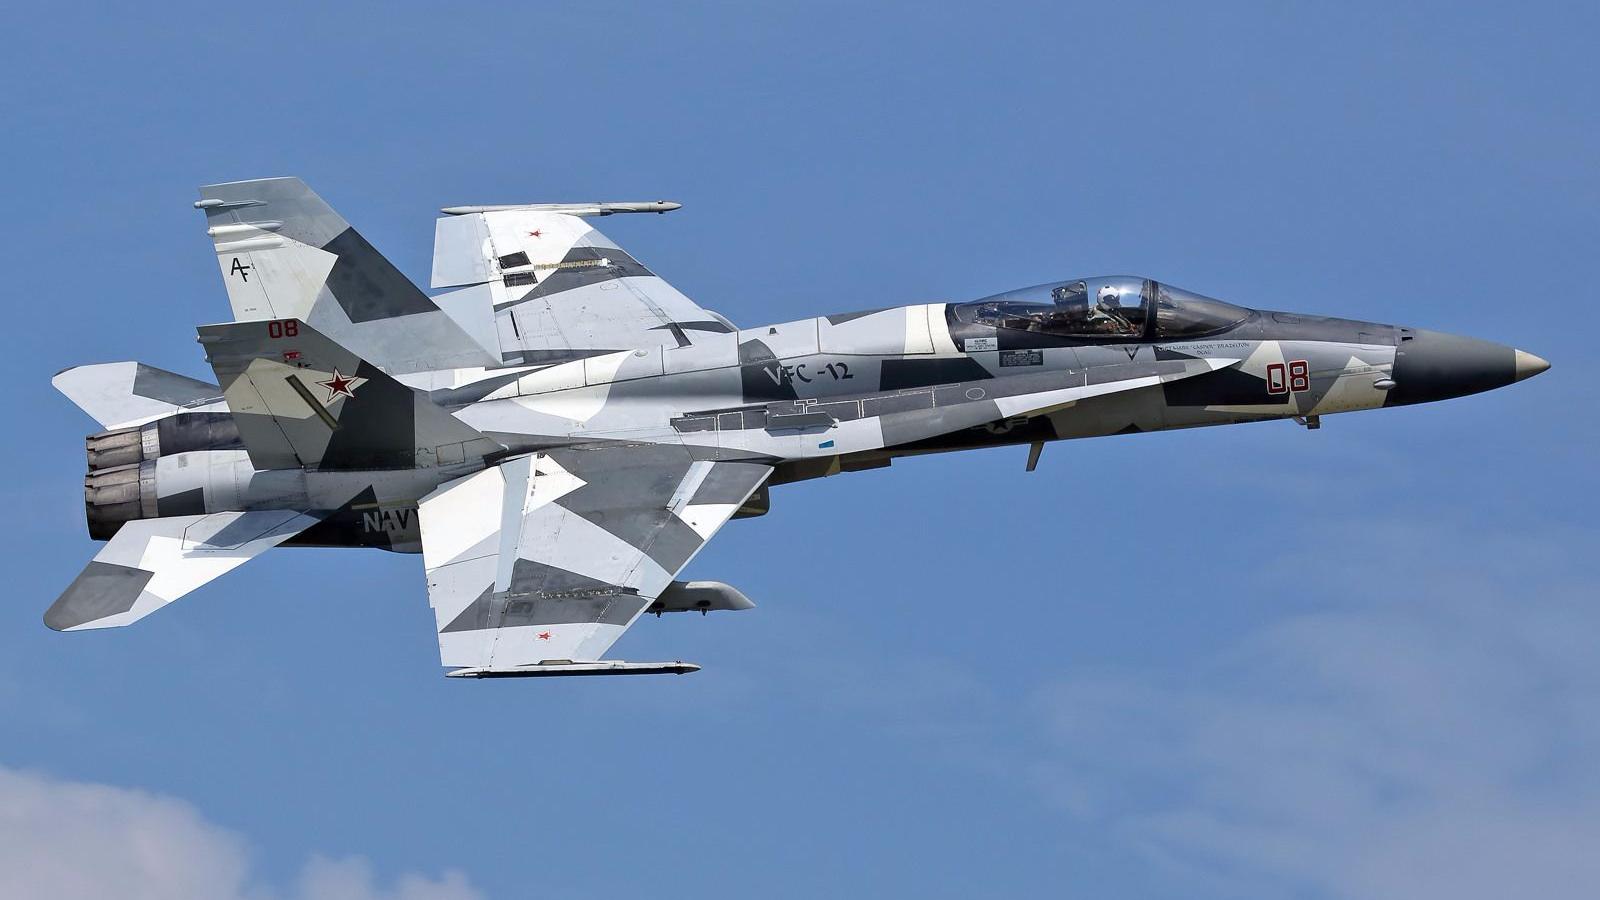 美军F/A-18C战斗机的新涂装 一股足足的俄军范